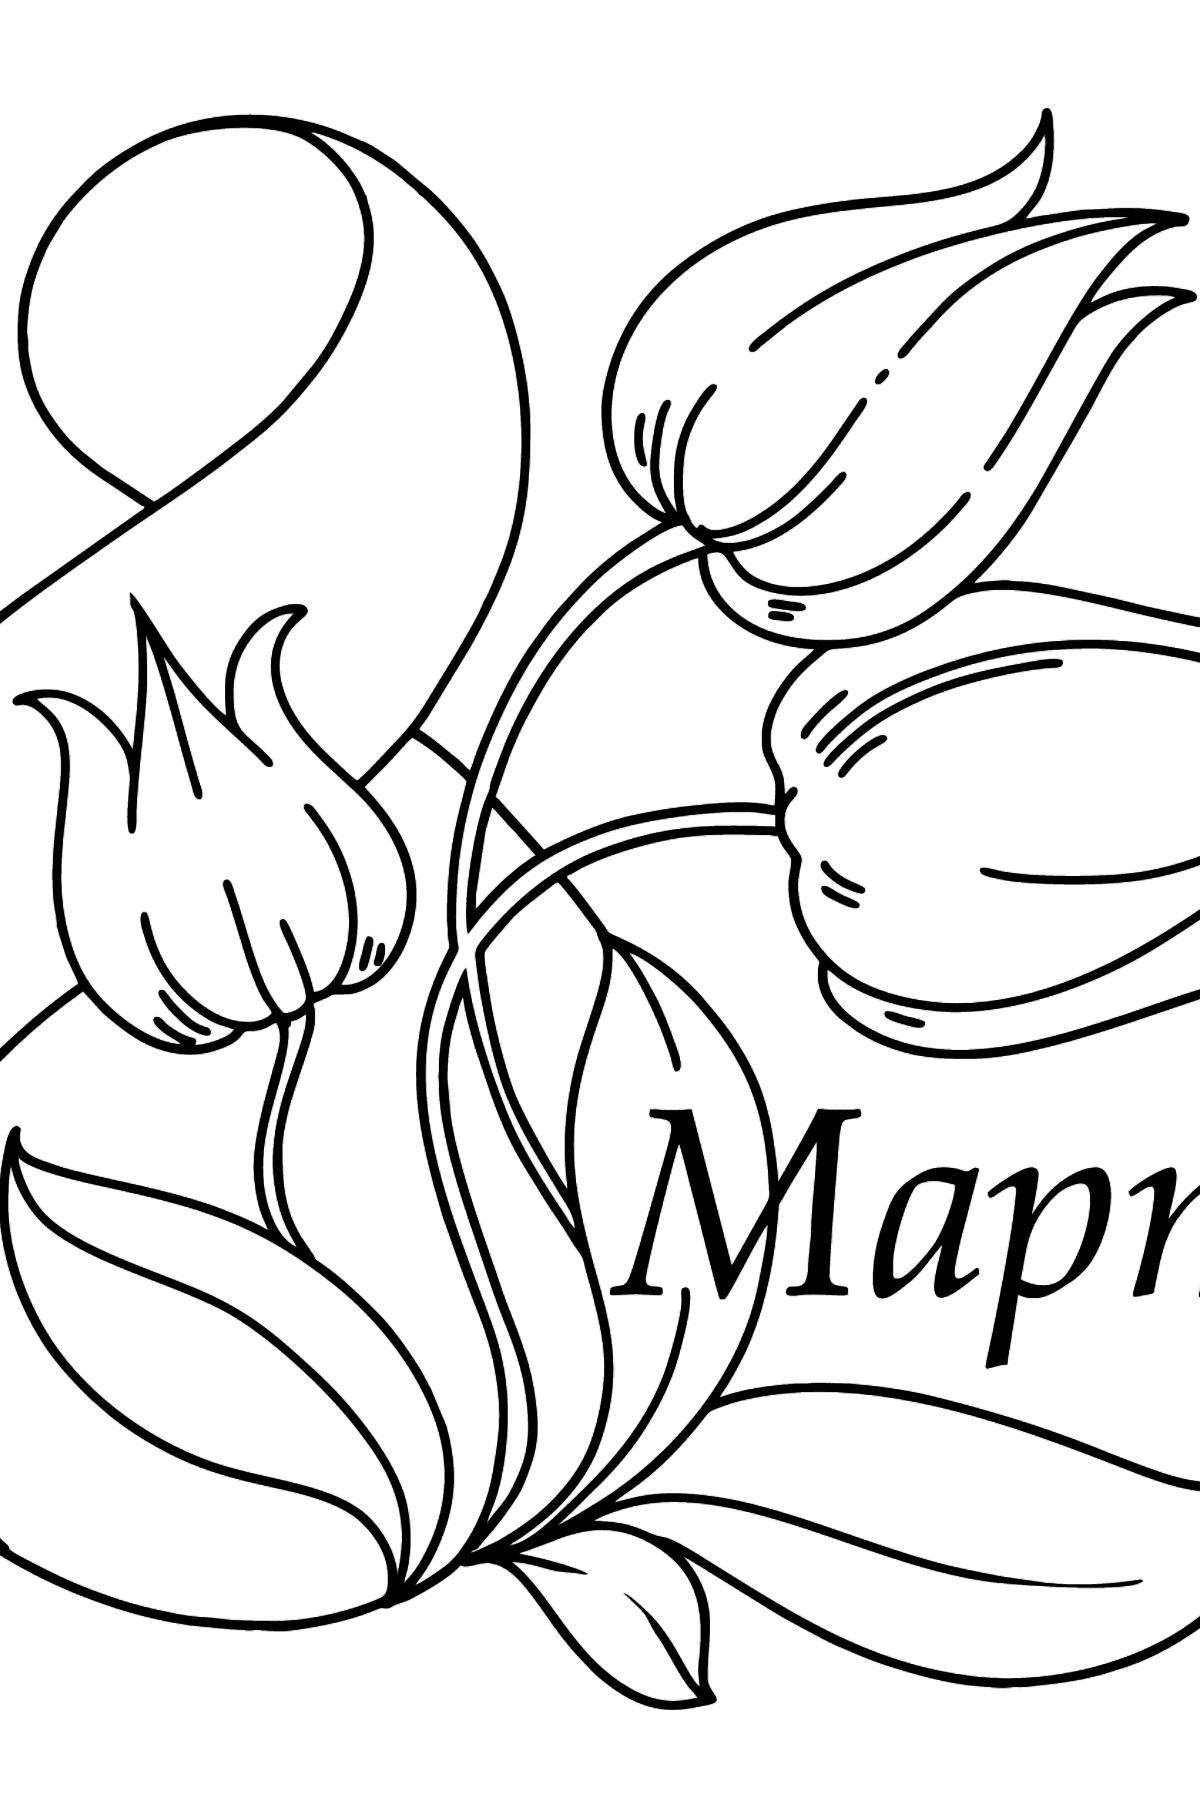 Рисунок 8 марта - раскраска - Картинки для Детей